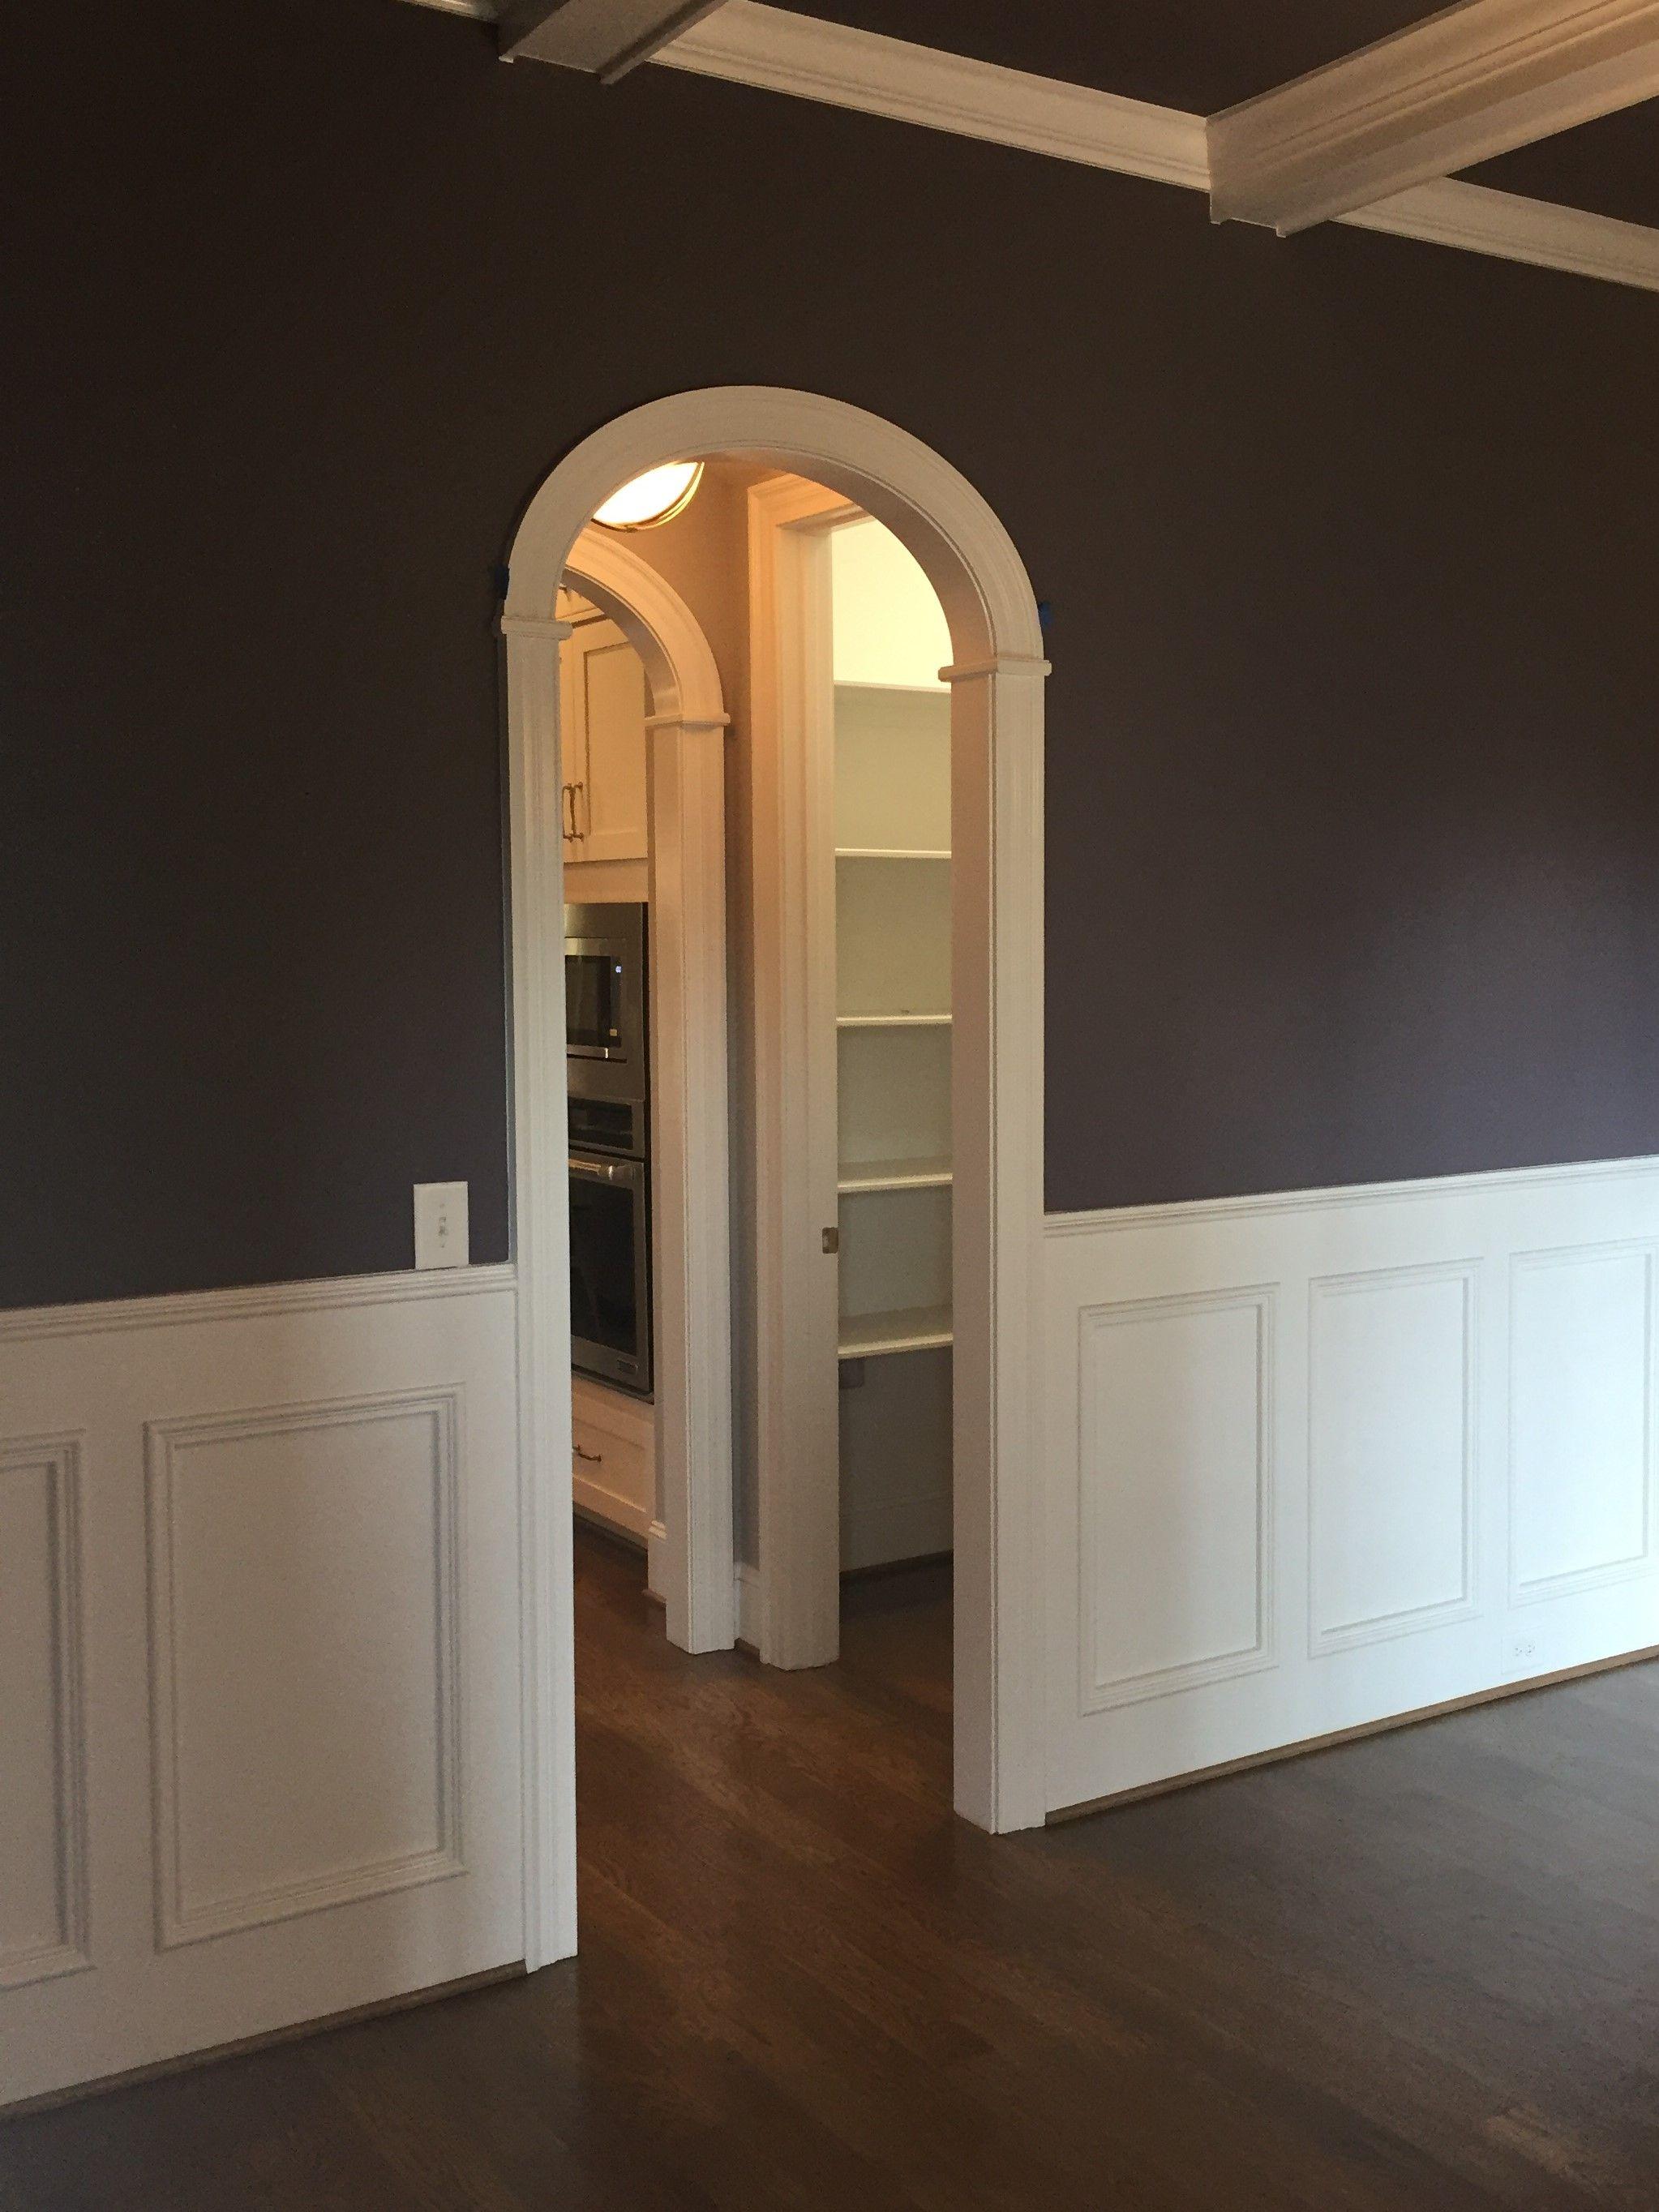 Round Arch In Butler Pantry Area Interior Archways Arched Doorways Archways In Homes Interior Door Trim Round Doorway